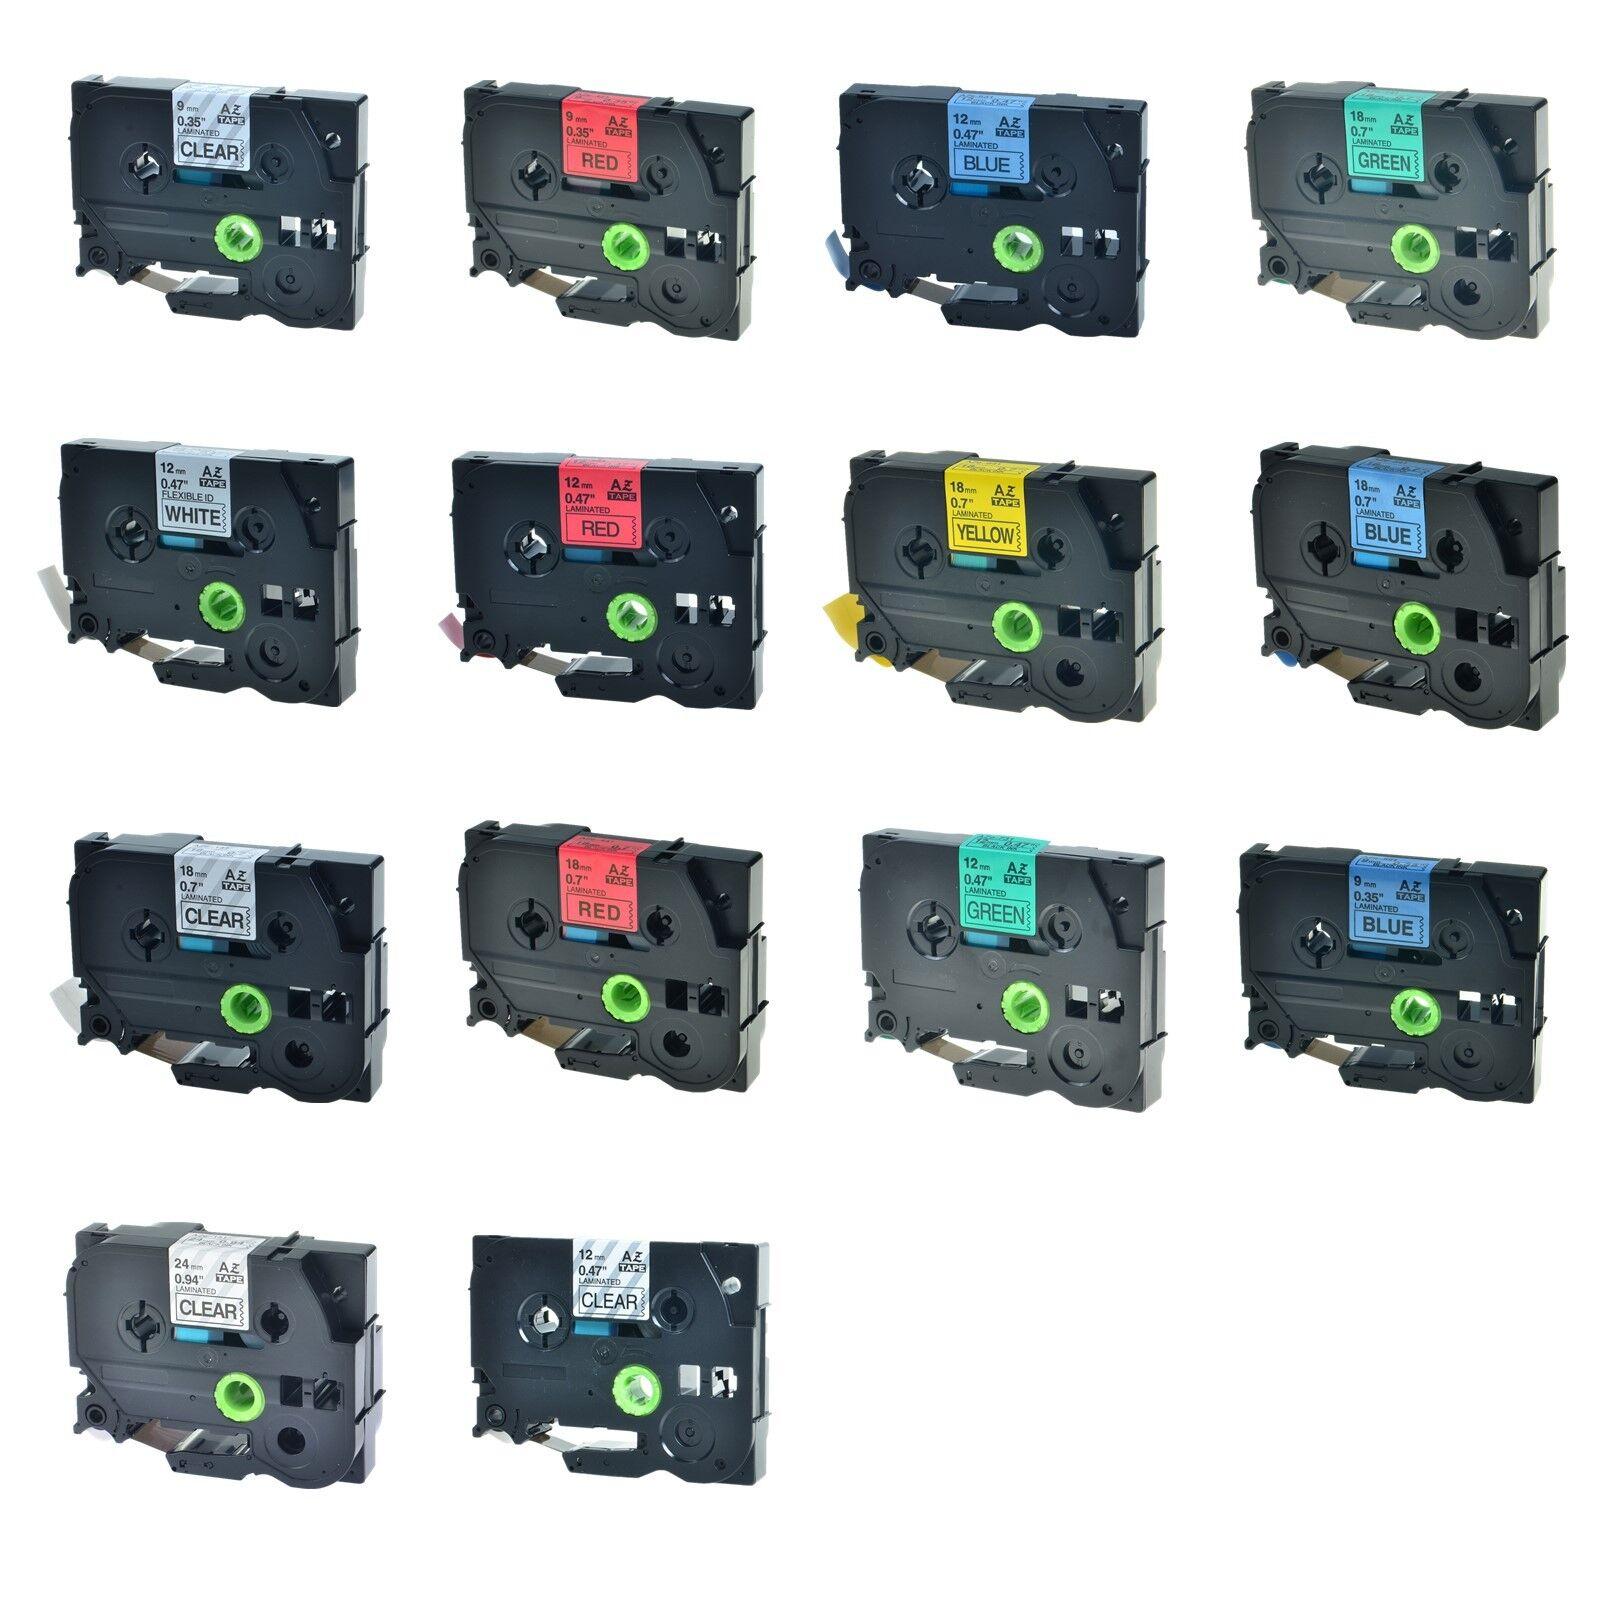 6 9 12 18 24 36mm Schriftbänder für Brother P-Touch TZ-231 221 251 335 241 631 | Wirtschaft  | Bequeme Berührung  | Verschiedene